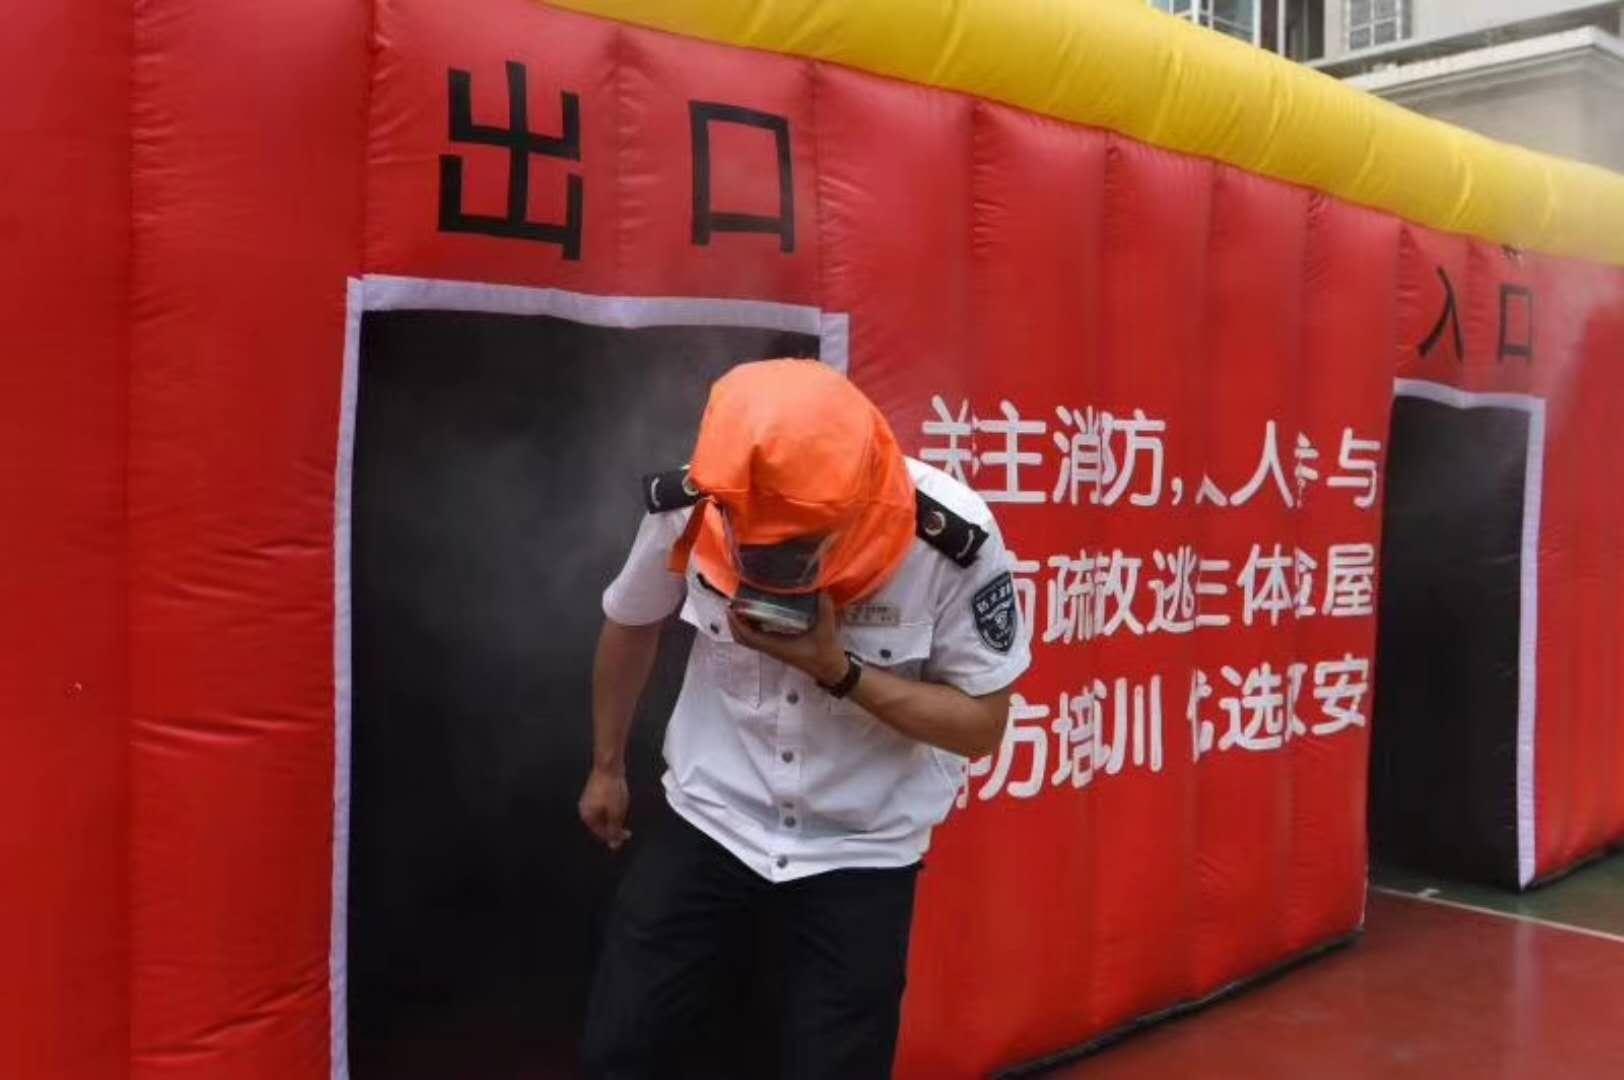 南充市疾控中心开展2018年度夏季消防安全知识培训及逃生演练